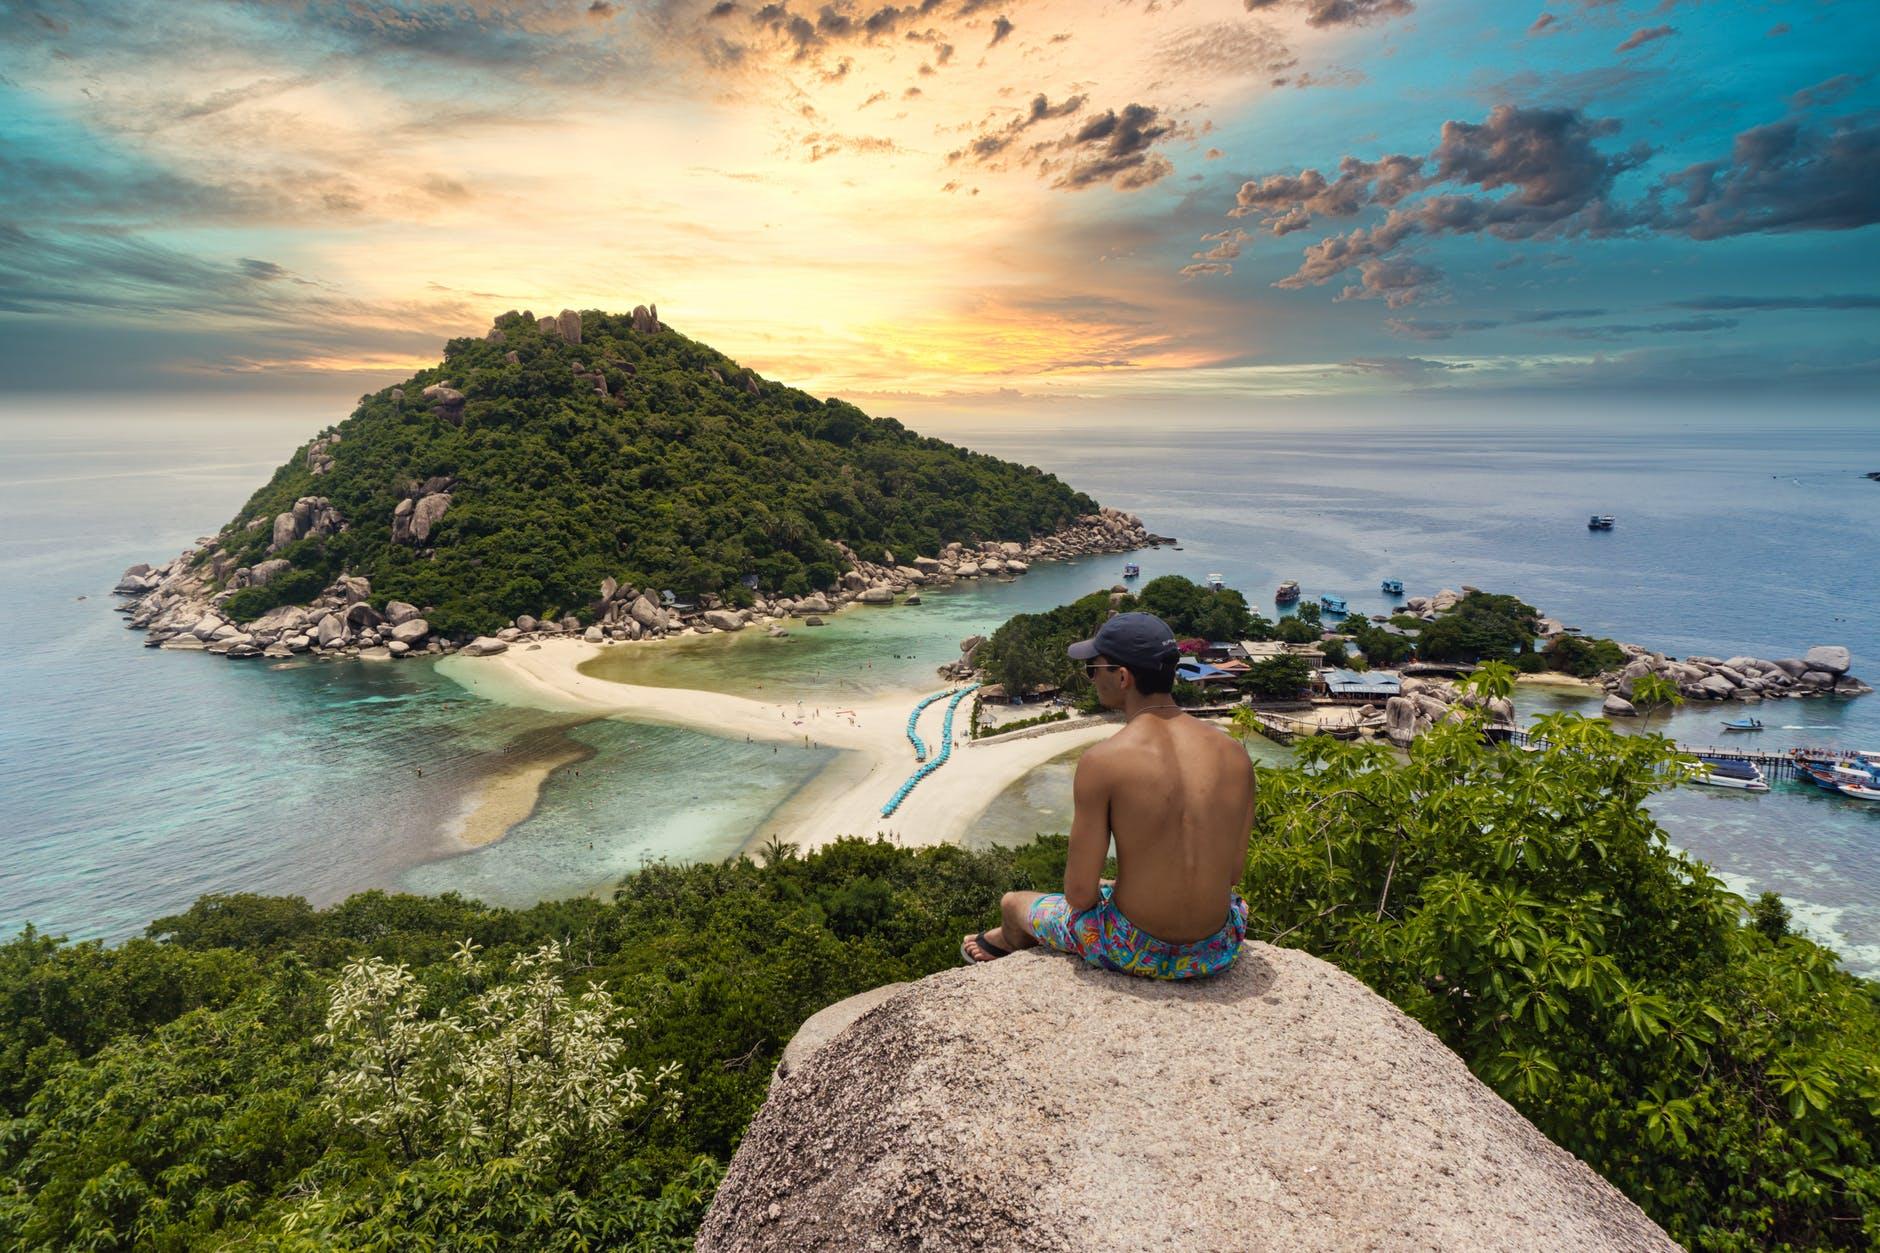 shirtless man sitting on a rock